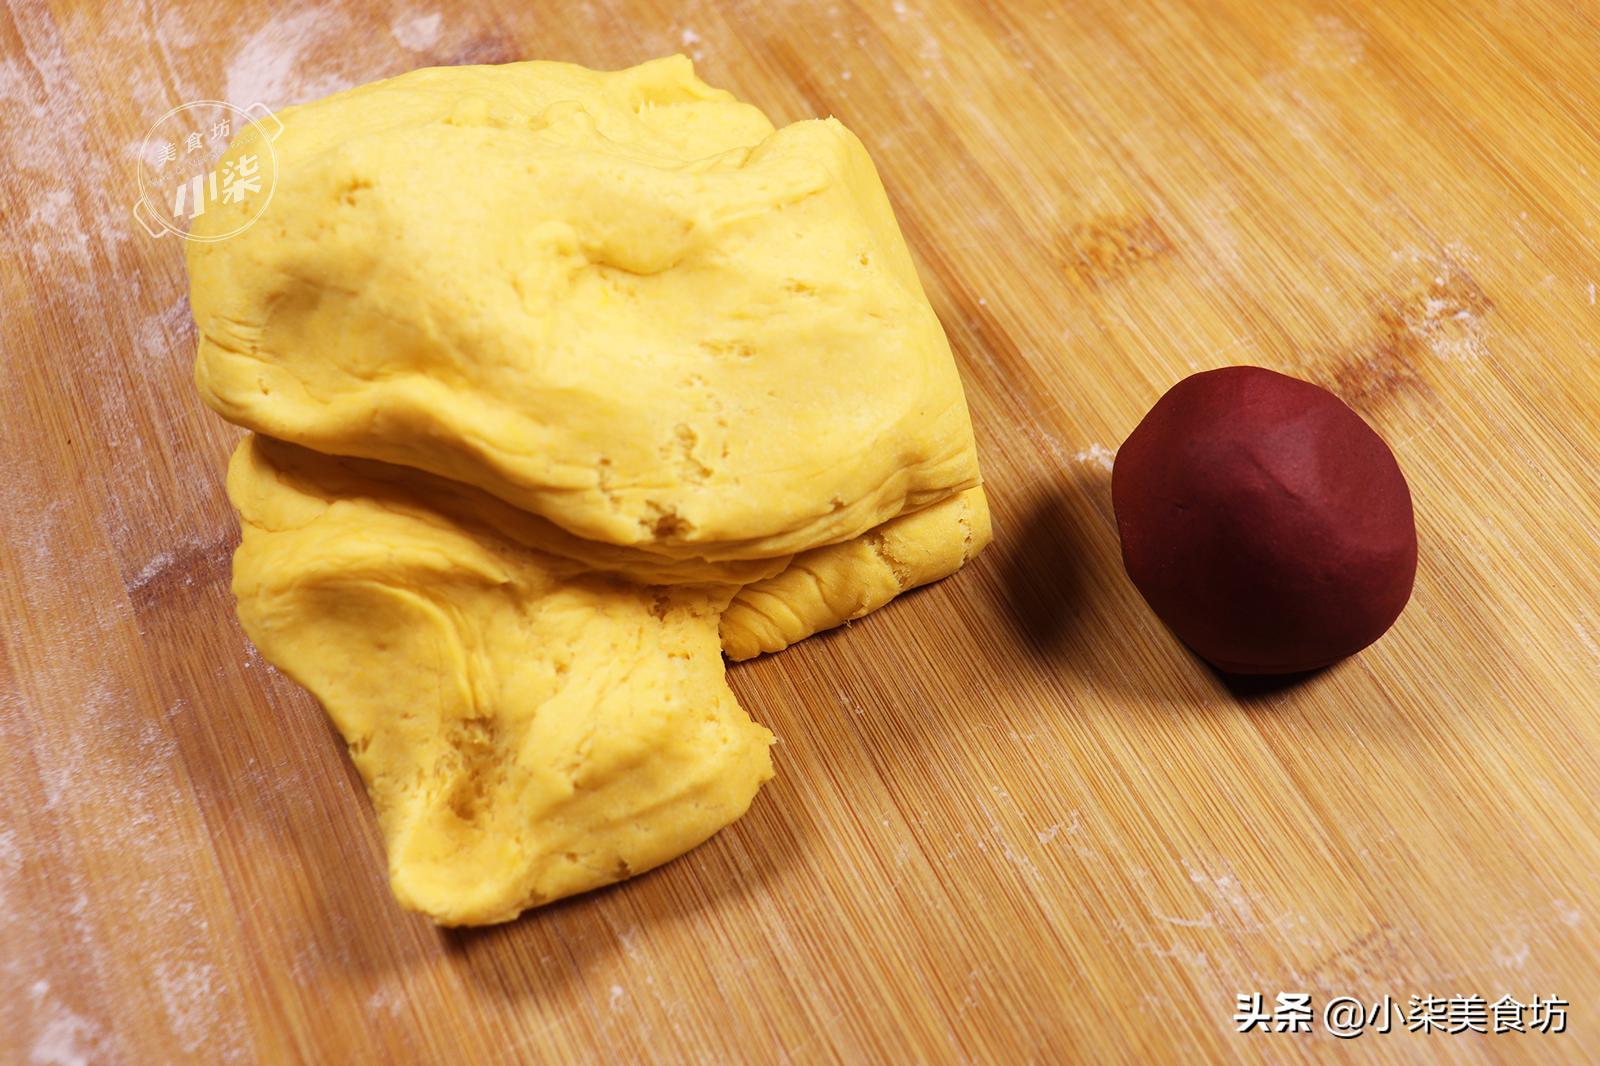 黃金福袋做法來了,學會過年蒸一鍋,好看又好吃,寓意平安富貴